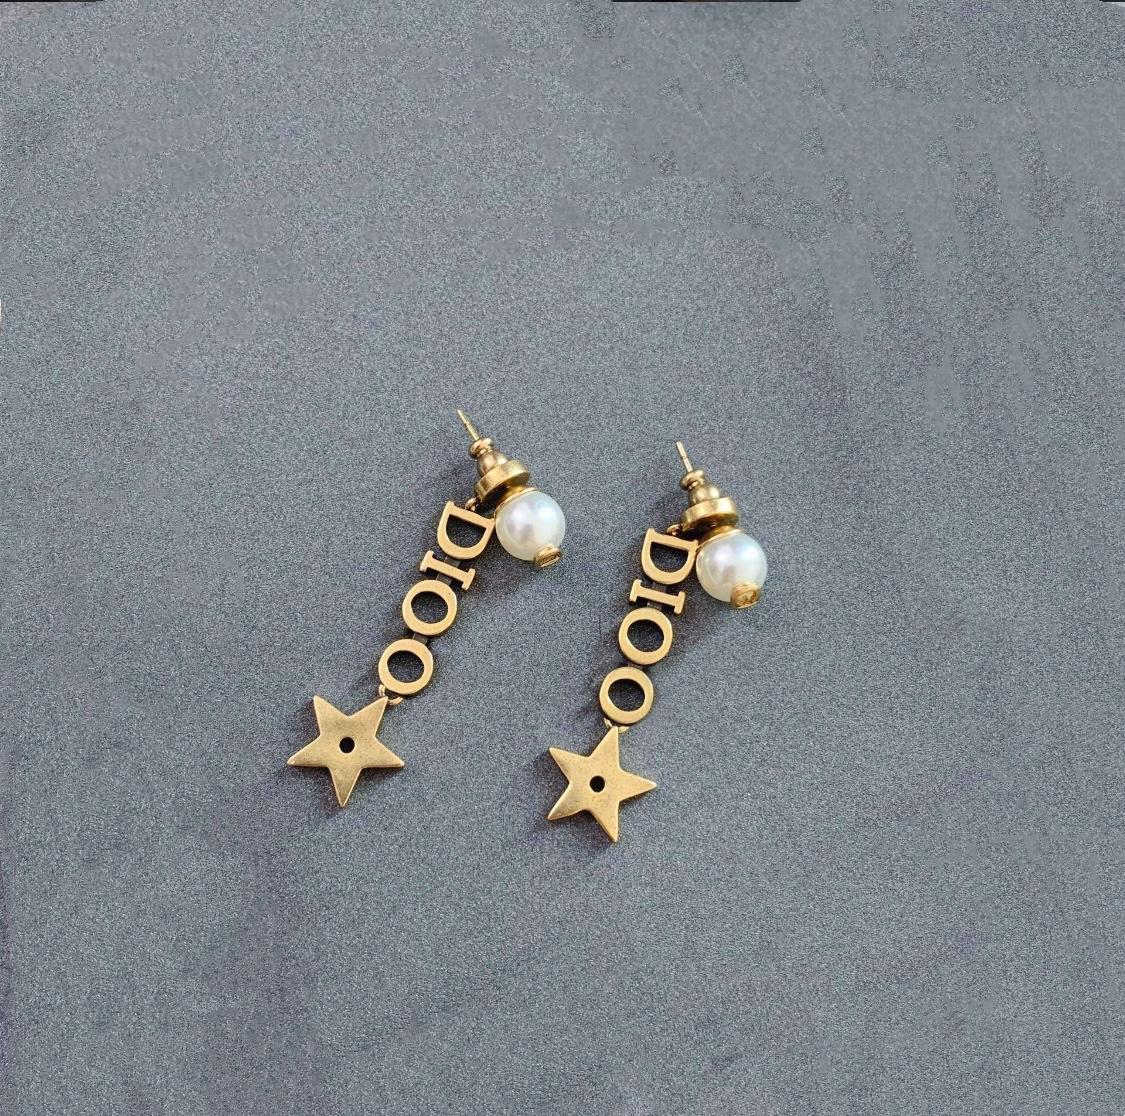 2021 여성용 웨딩 파티 쥬얼리를위한 새로운 편지 D 귀걸이 진주 귀걸이 고품질의 사랑 선물 여성 귀걸이